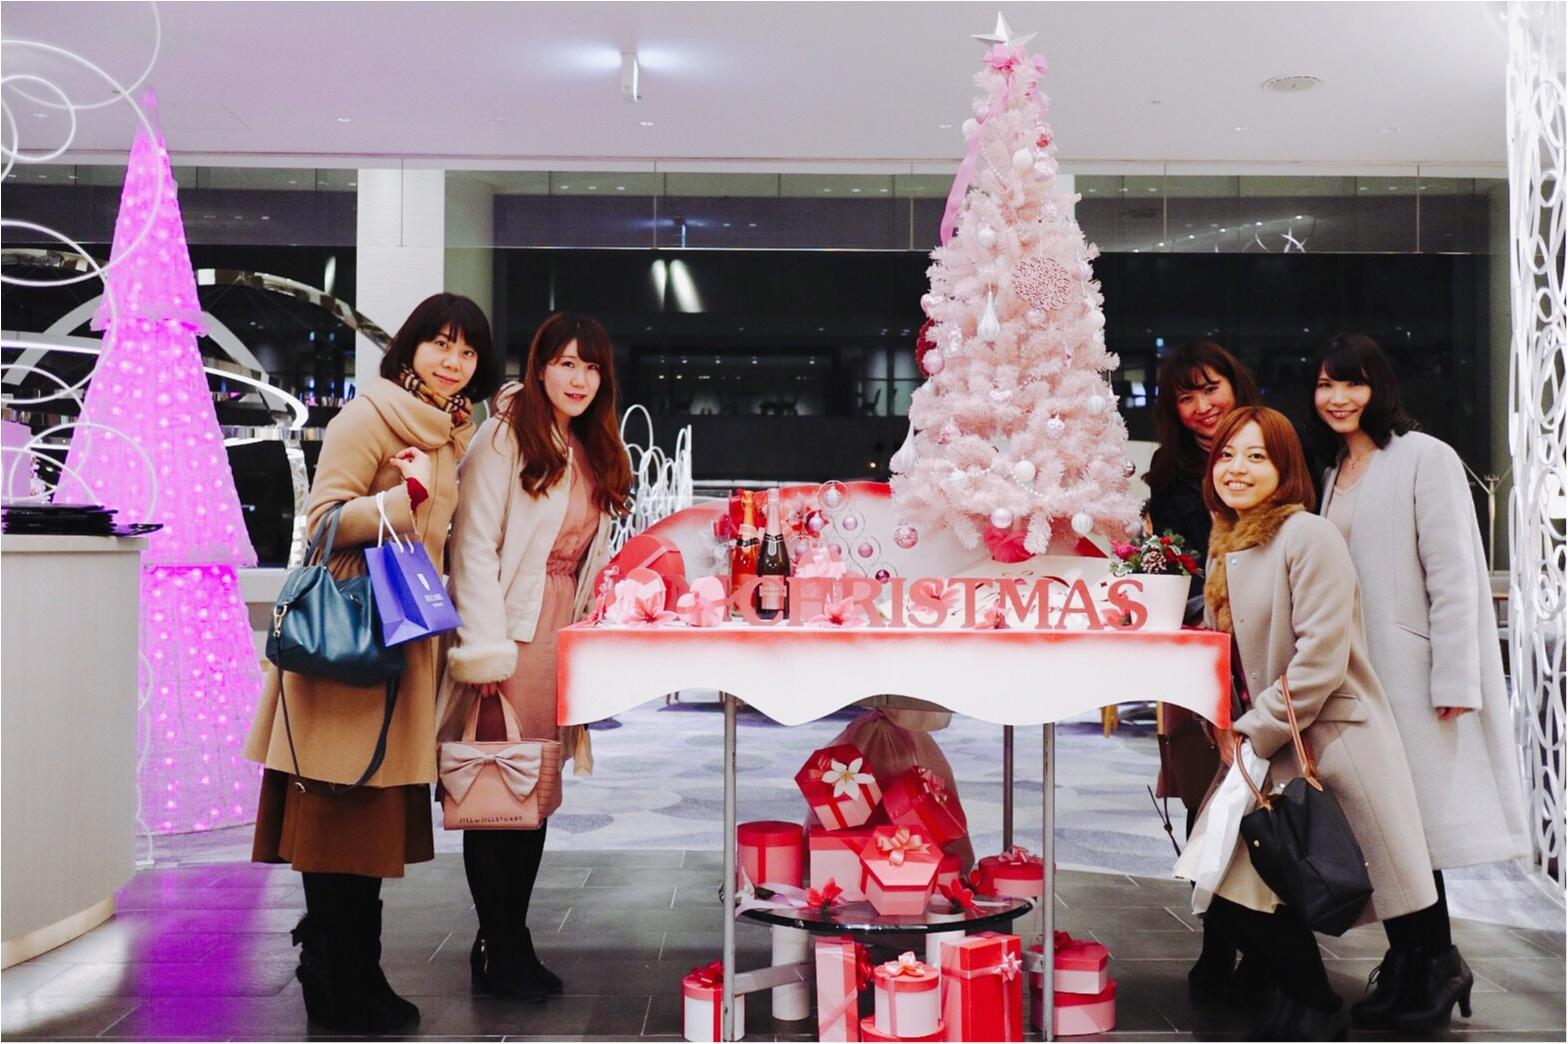 ヒルトン東京ベイ【ピンク・クリスマス】ビュッフェがかわいすぎる!_5